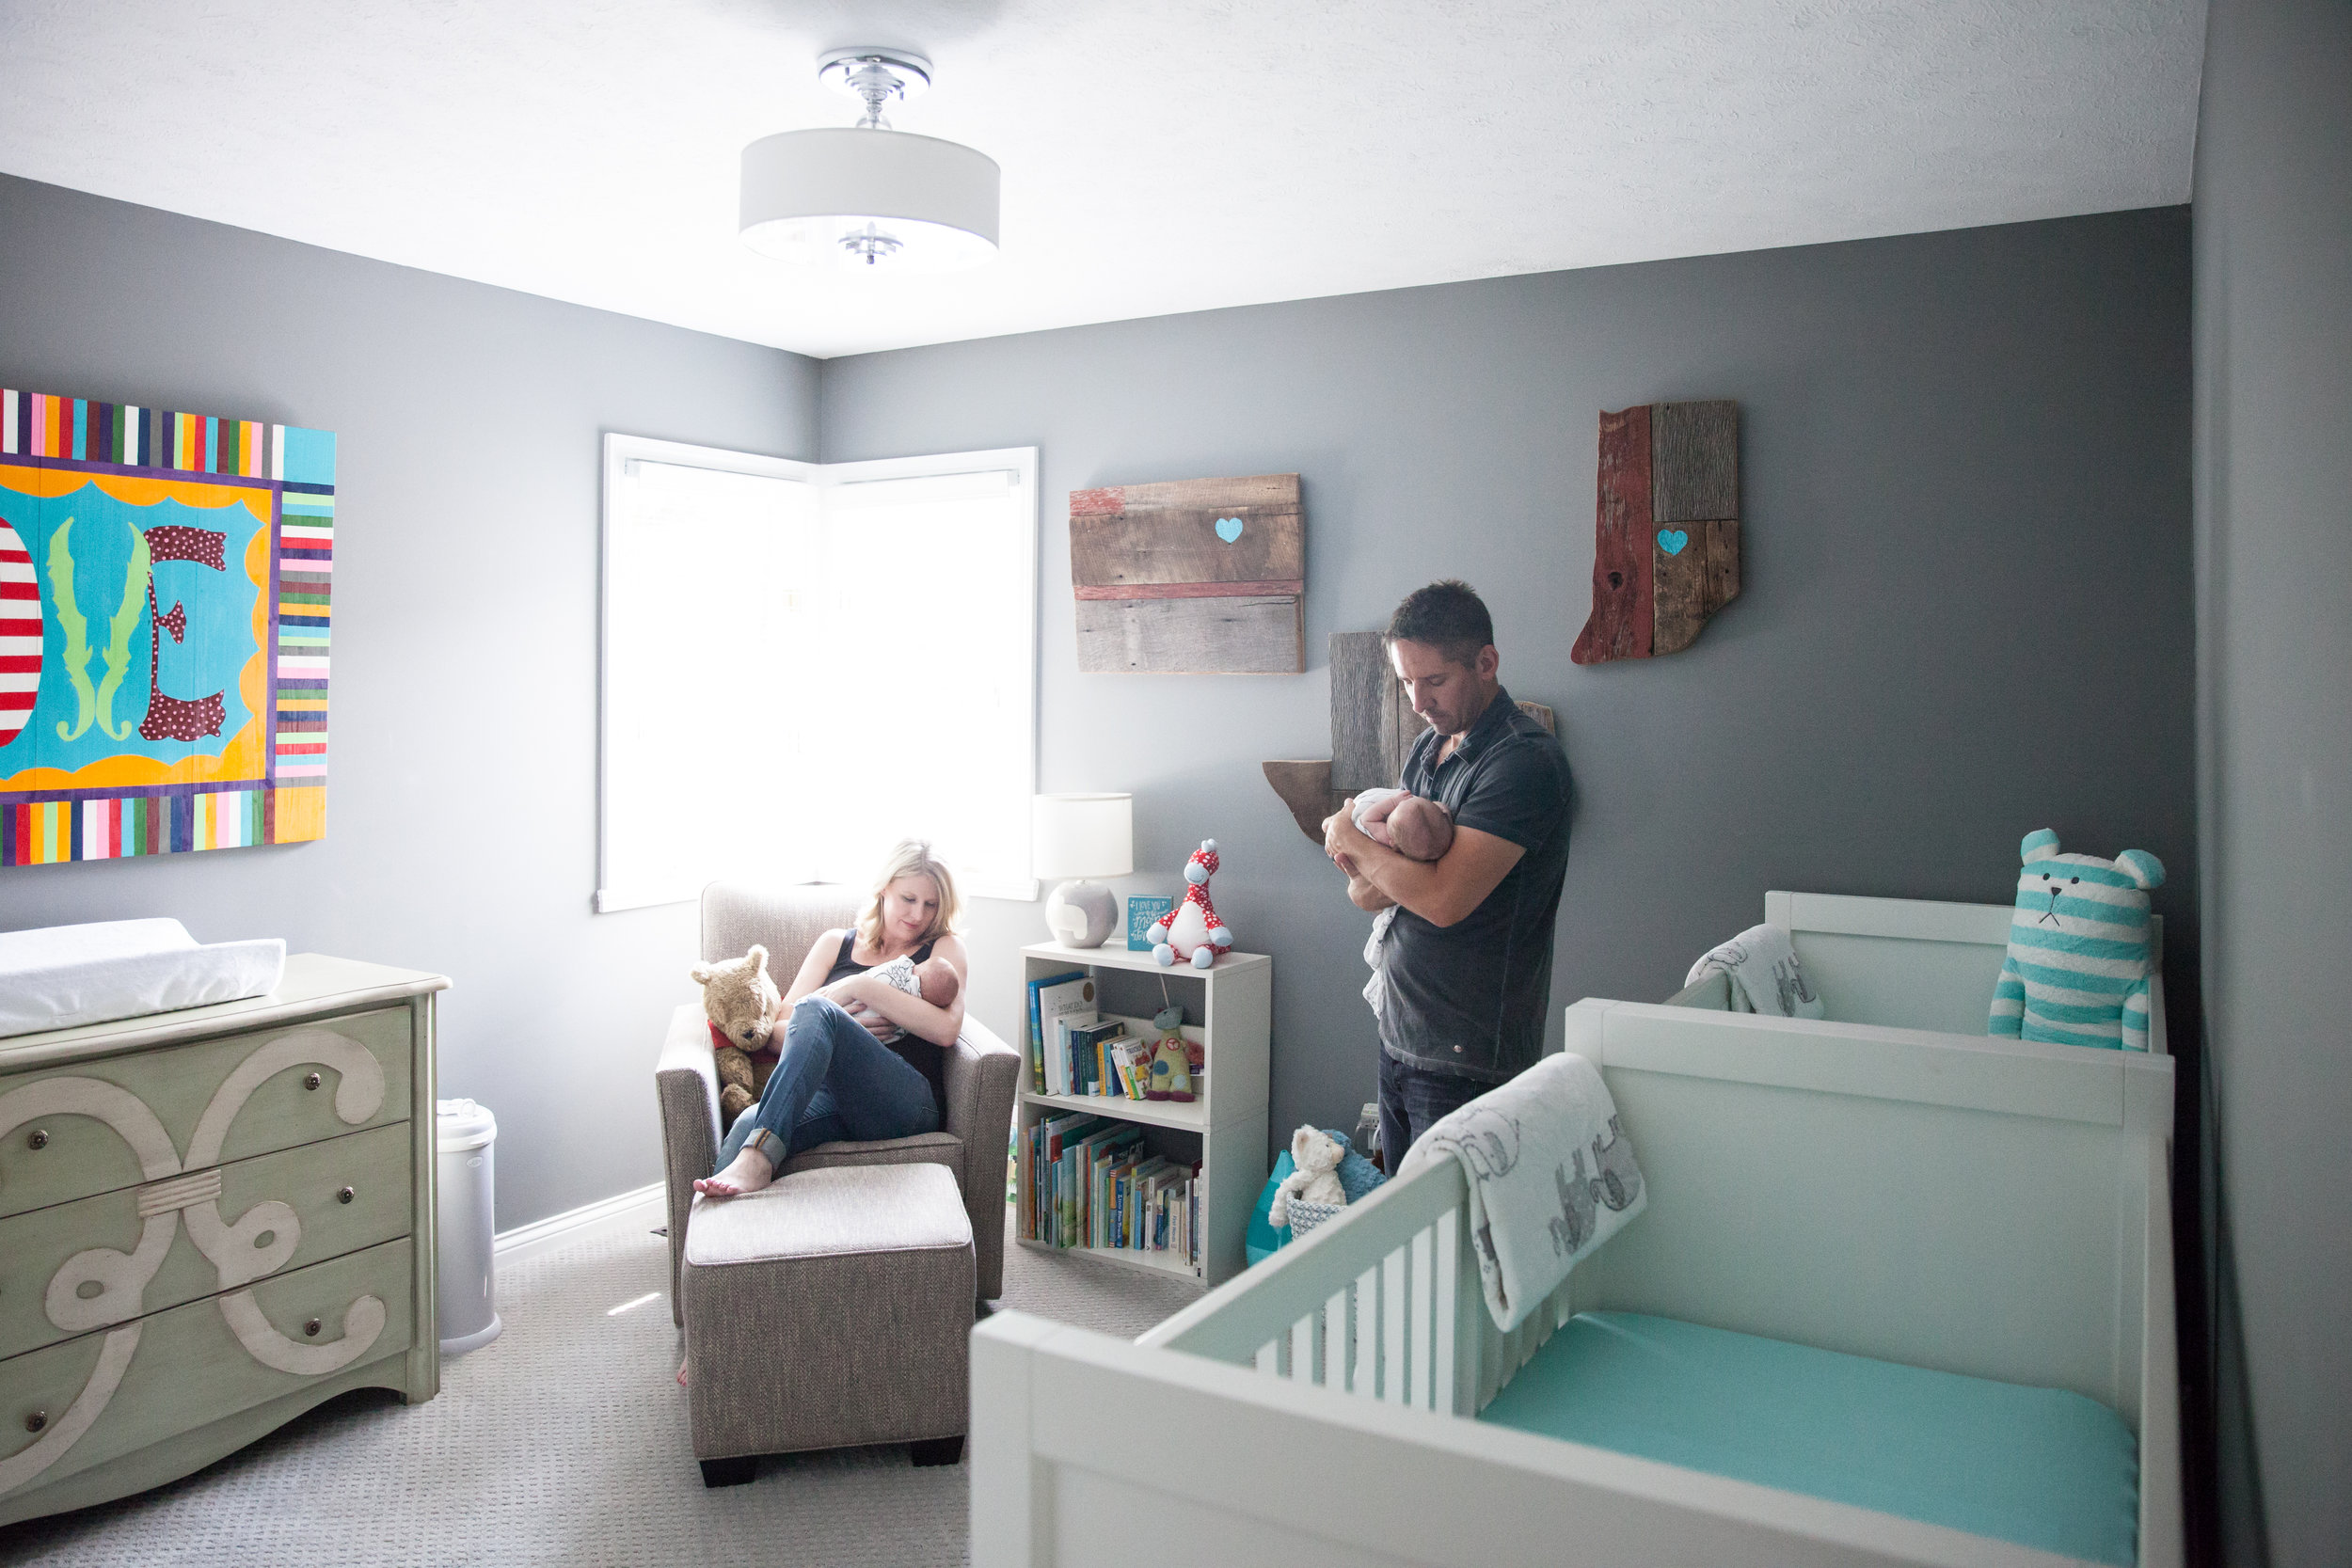 LisaDiederichPhotography_britton&casey_newbornphotography-17.jpg